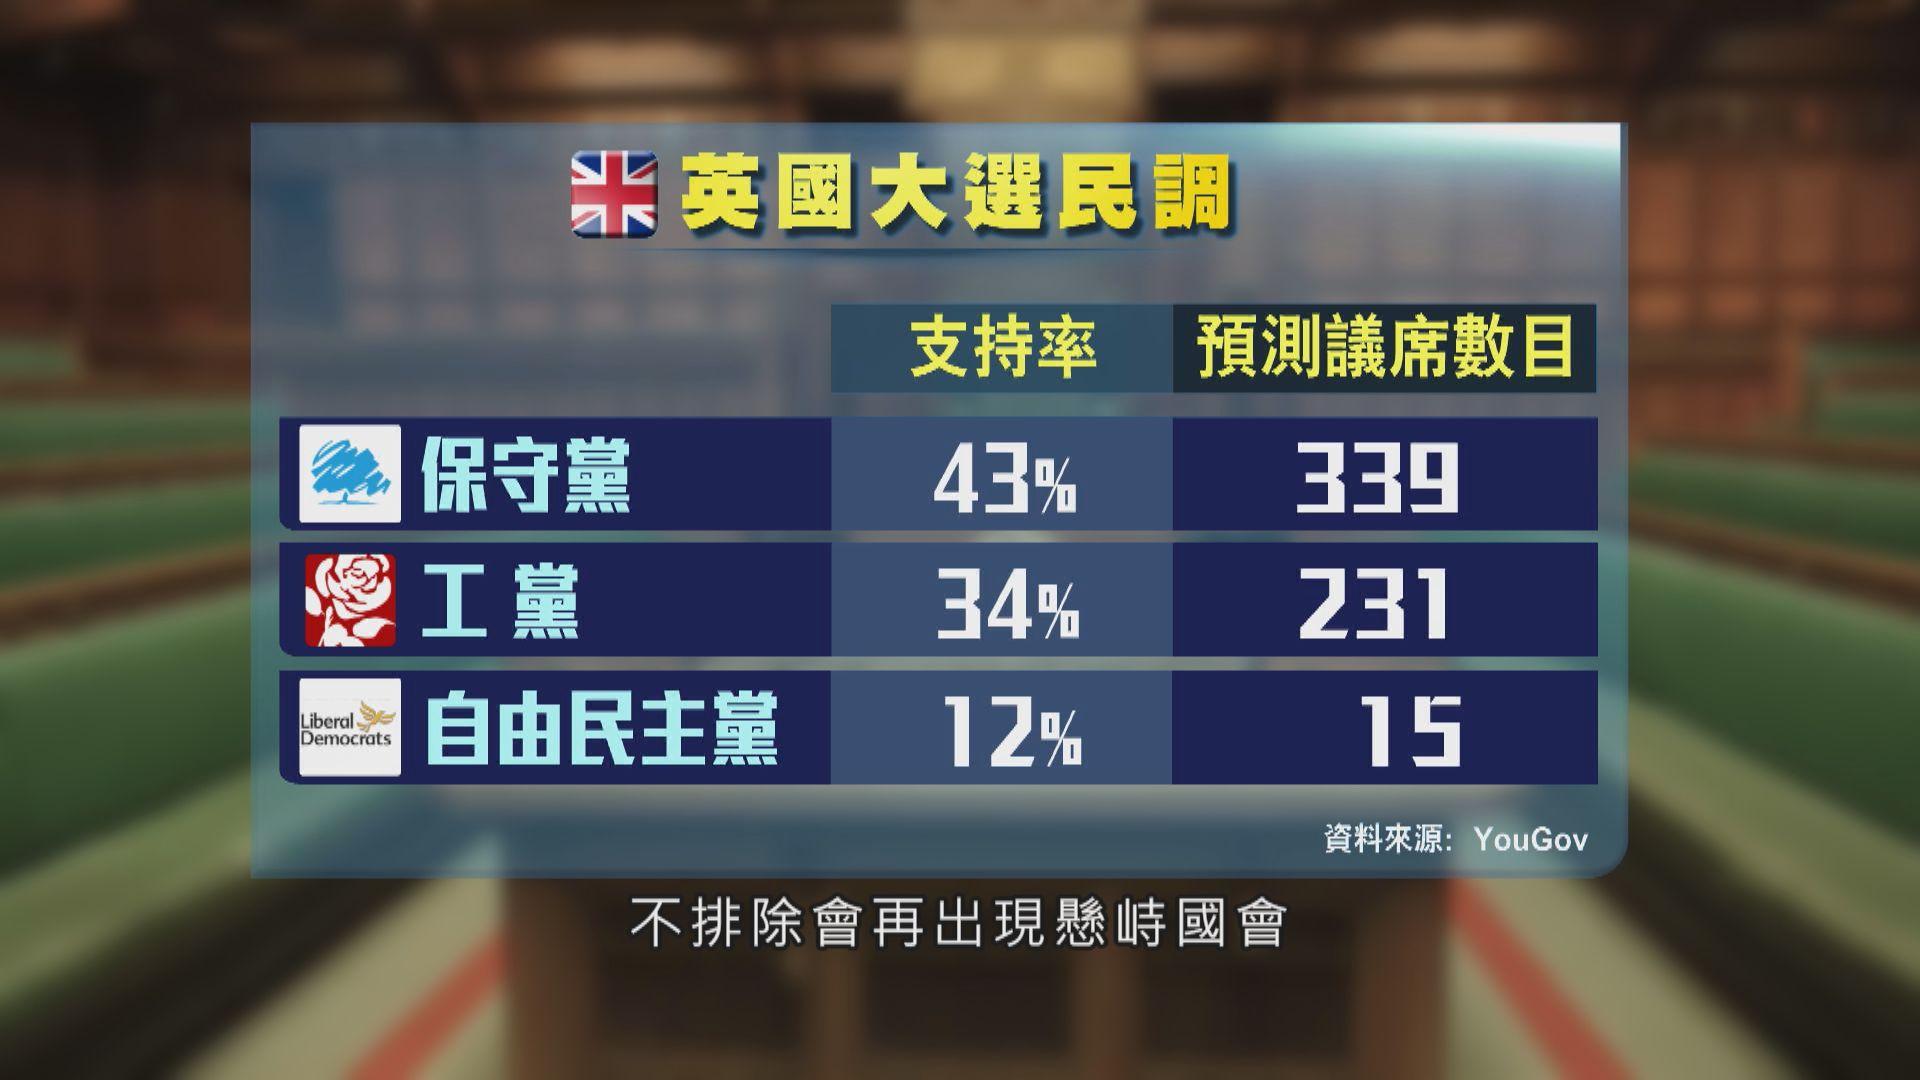 英國大選正在投票 民調指執政保守黨優勢收窄